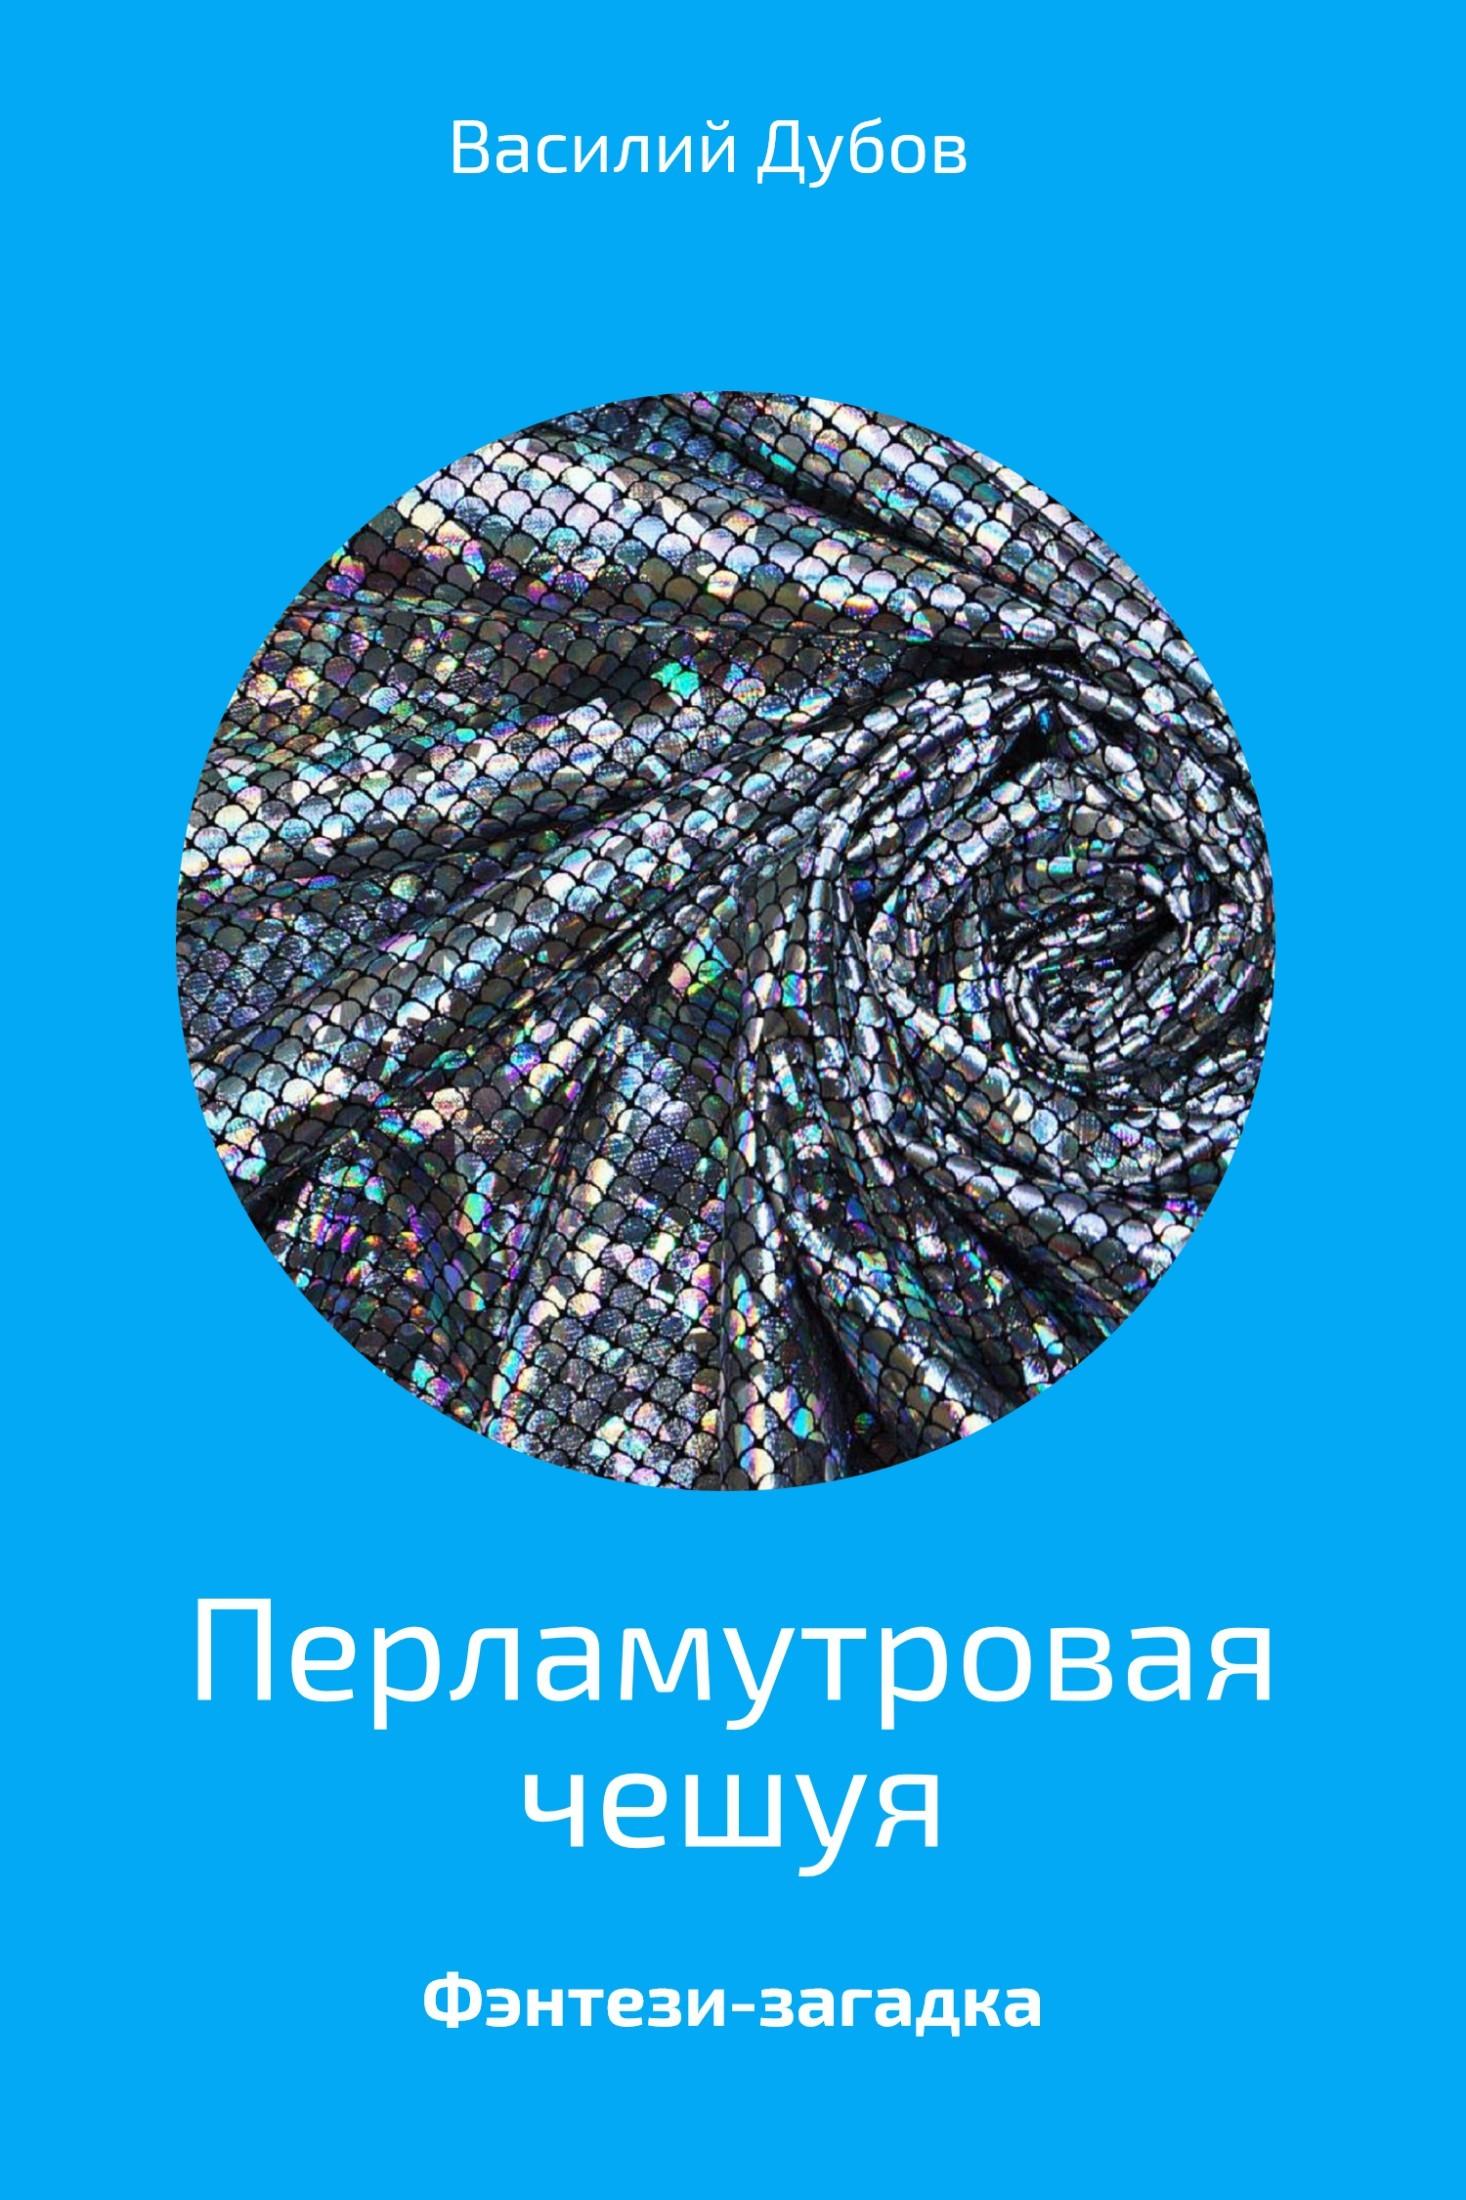 Василий Дубов - Перламутровая чешуя